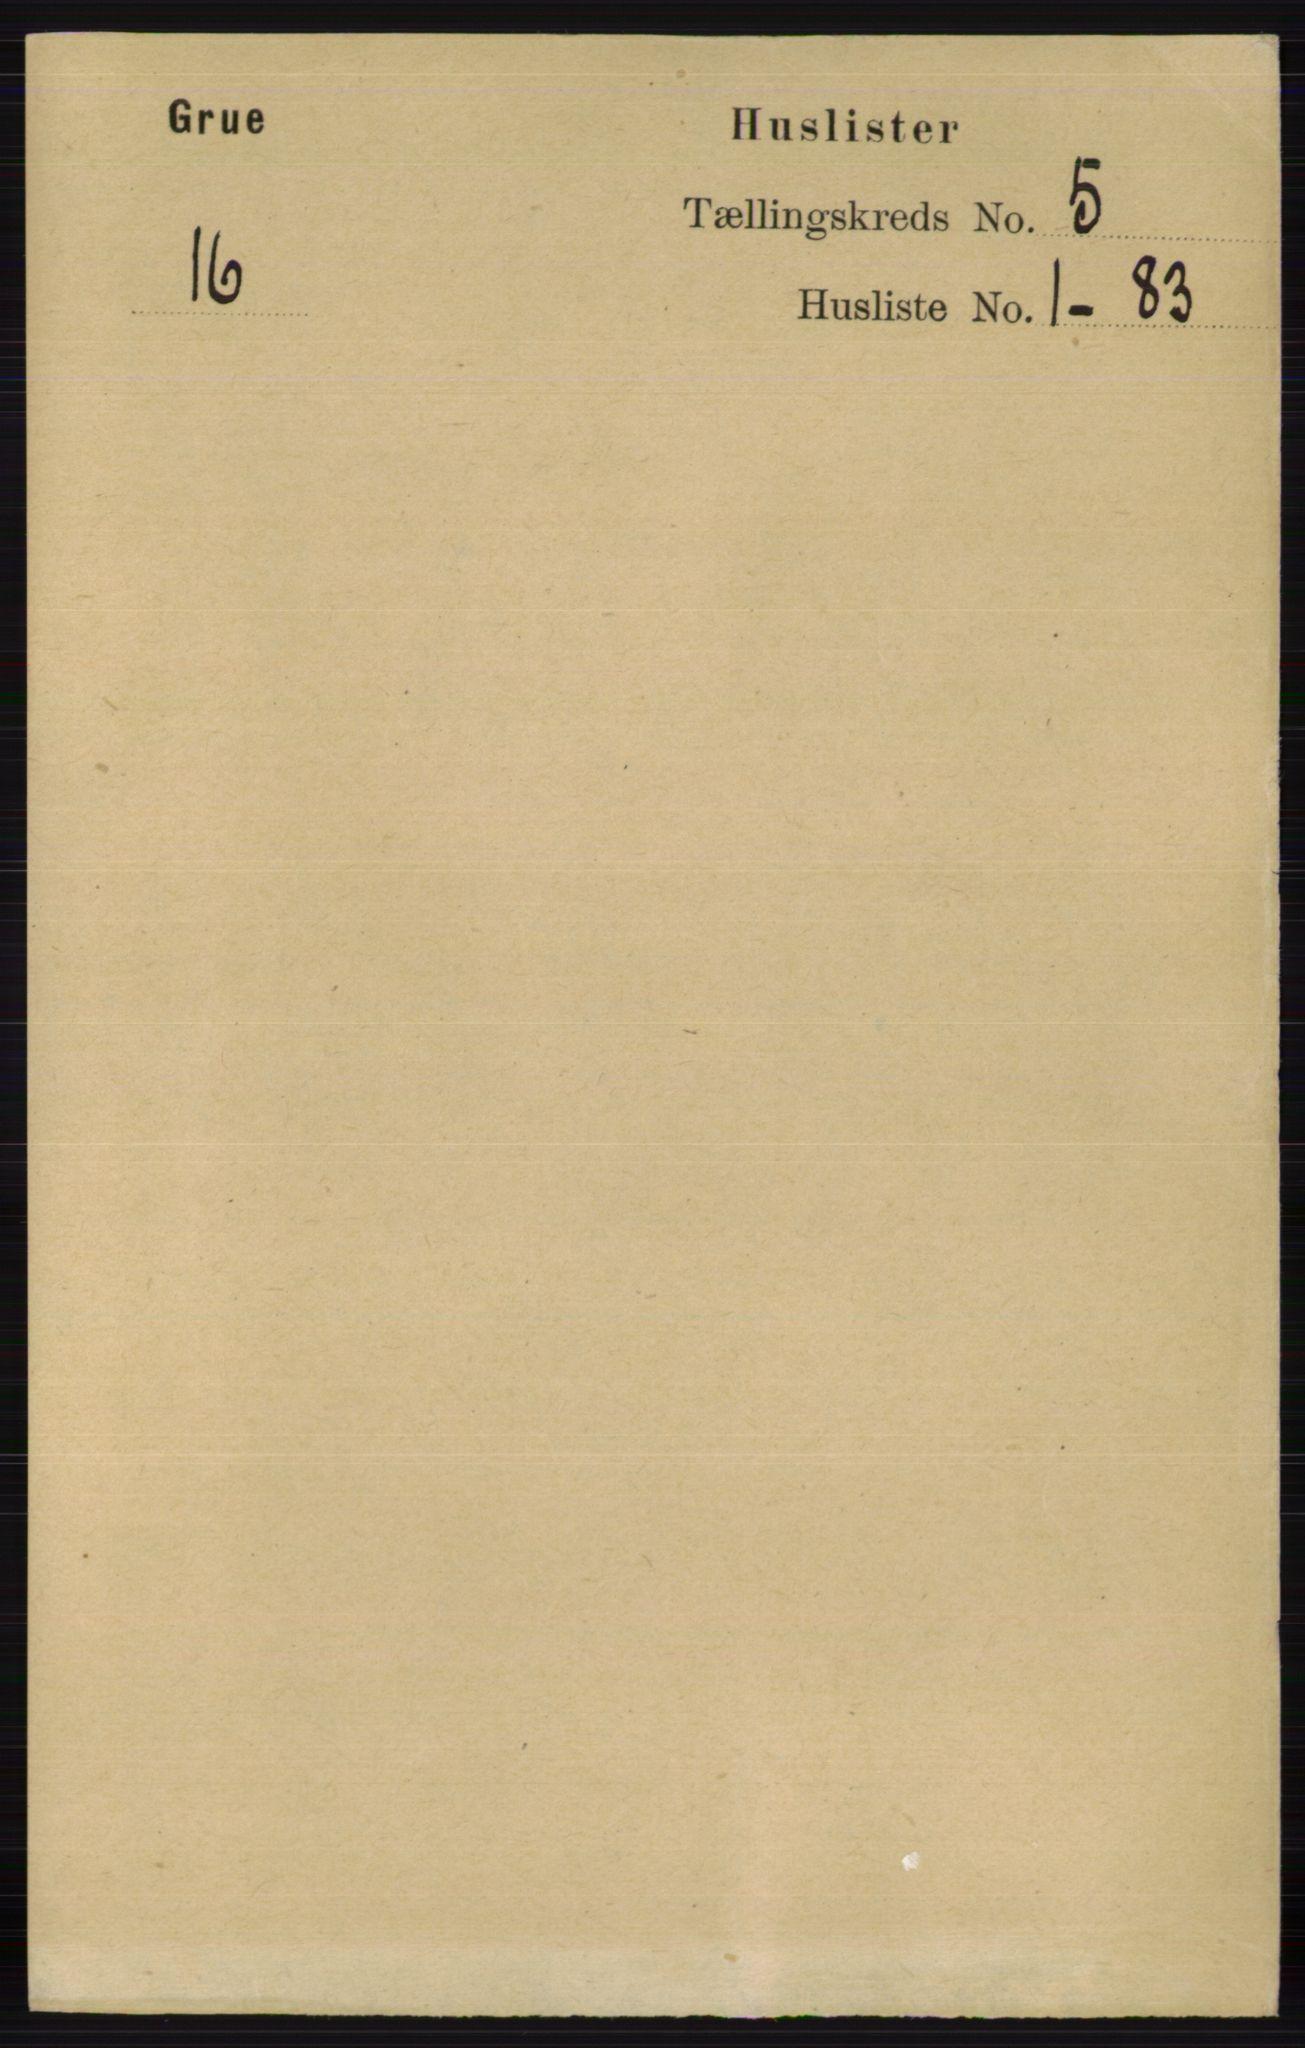 RA, Folketelling 1891 for 0423 Grue herred, 1891, s. 2609